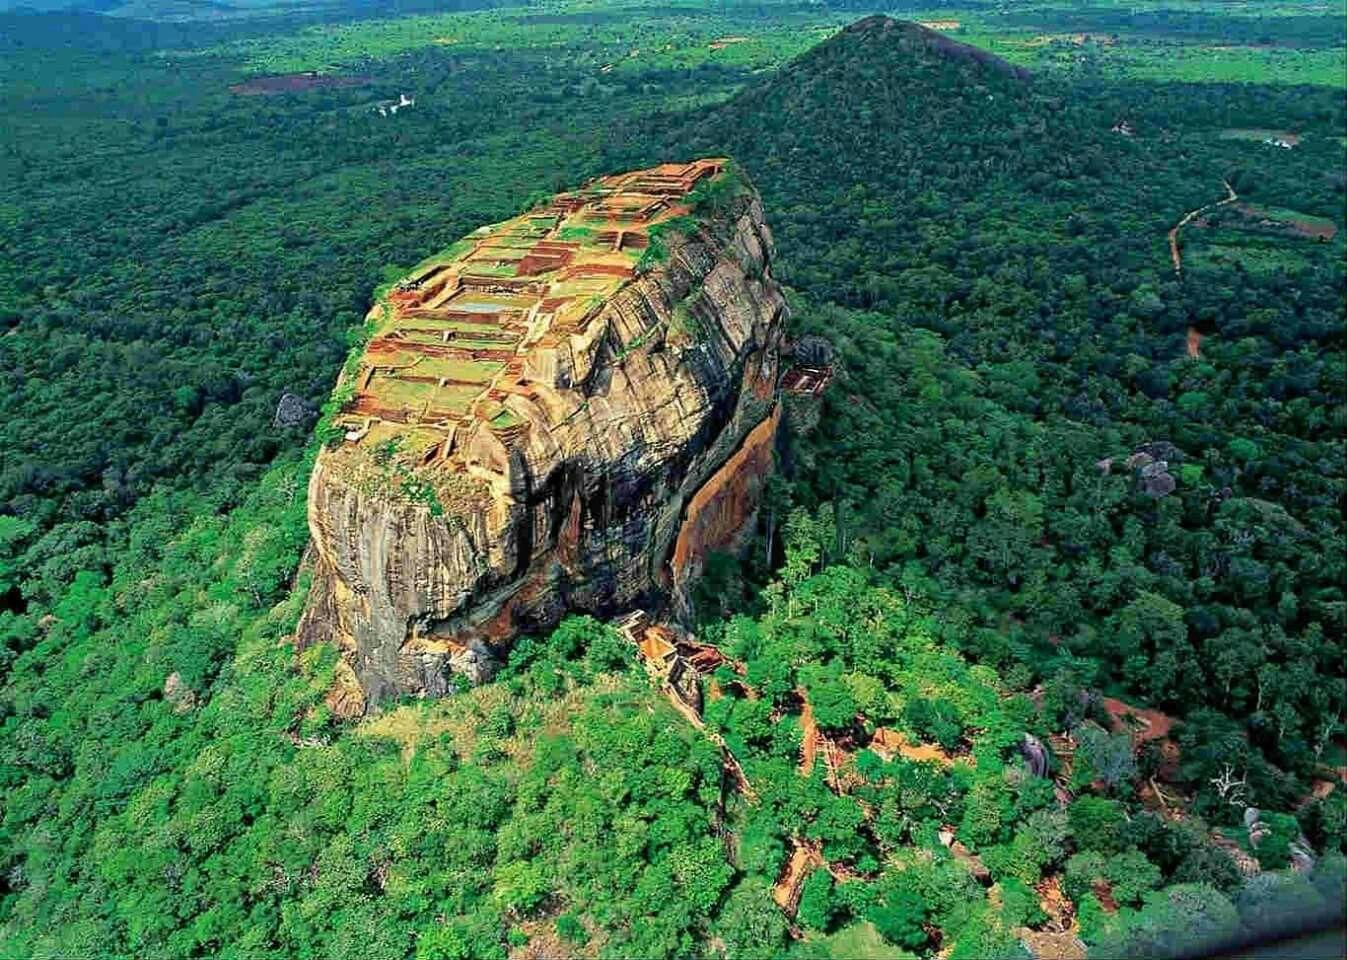 Sri Lanka Sigiriya The Lion Rock Amazingly Beautiful Nature - 12 amazing world heritage sites you have to visit